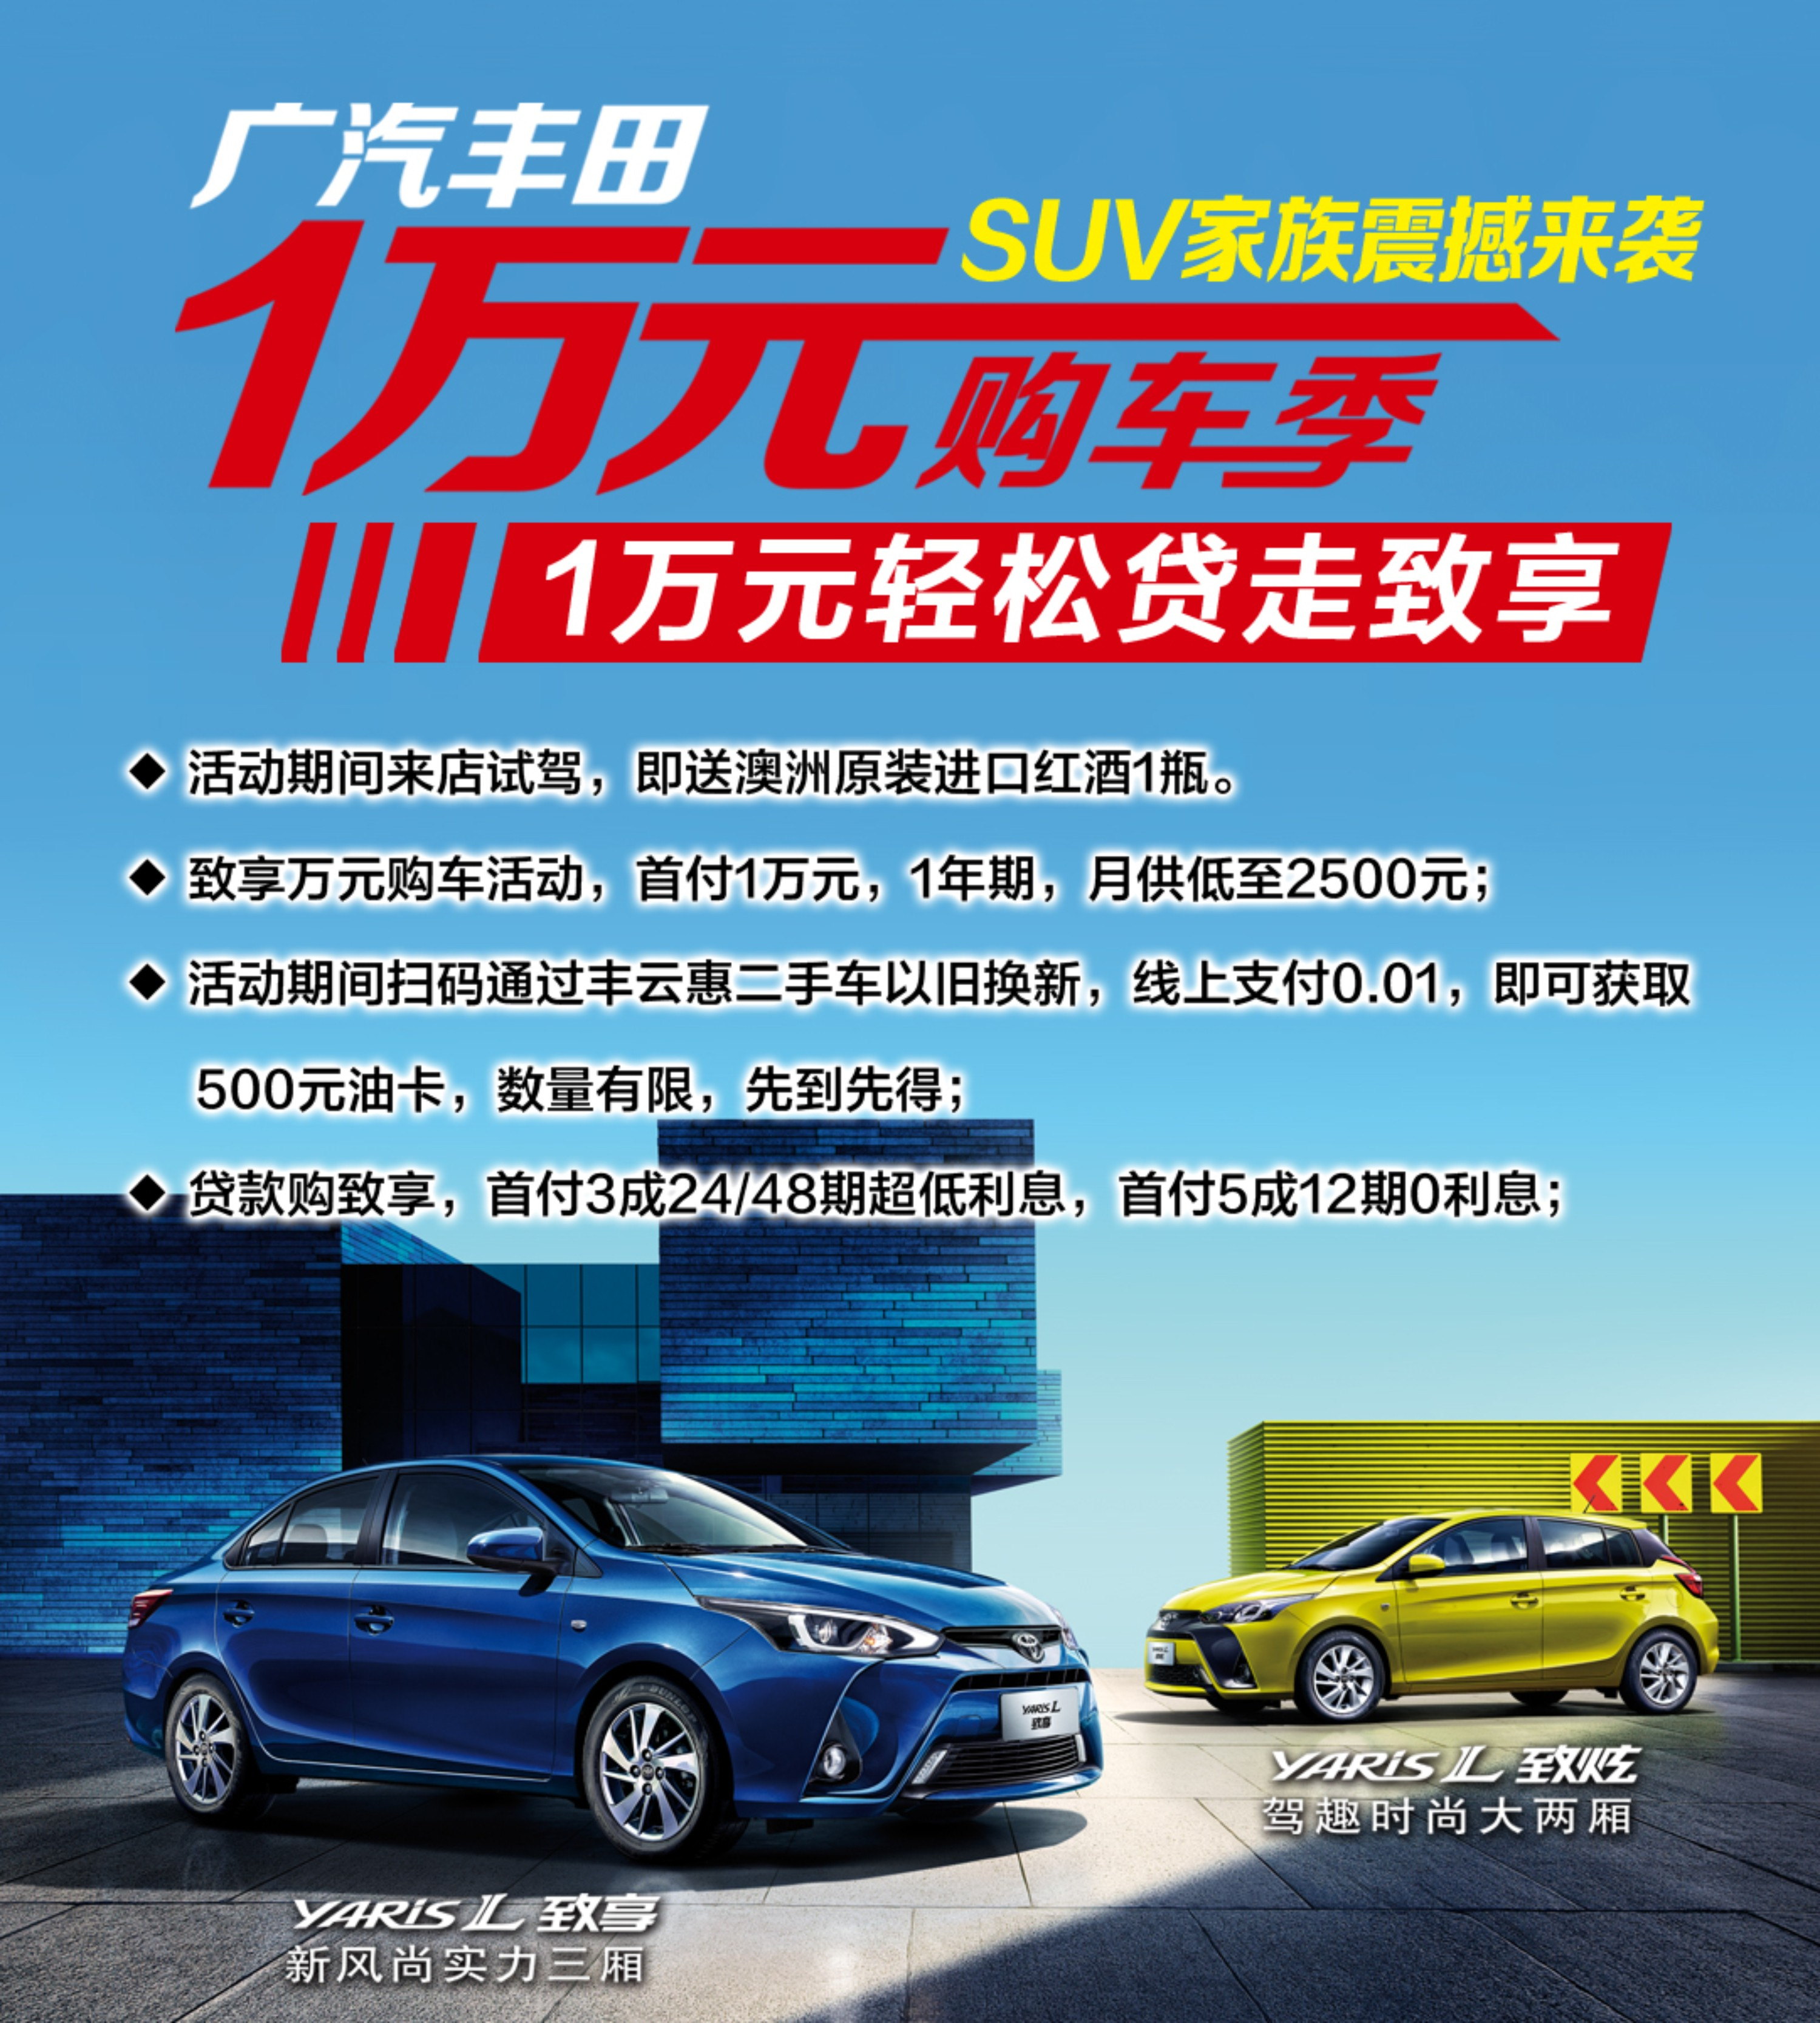 万元购车季  SUV家族震撼来袭,昆山致享首付1万元